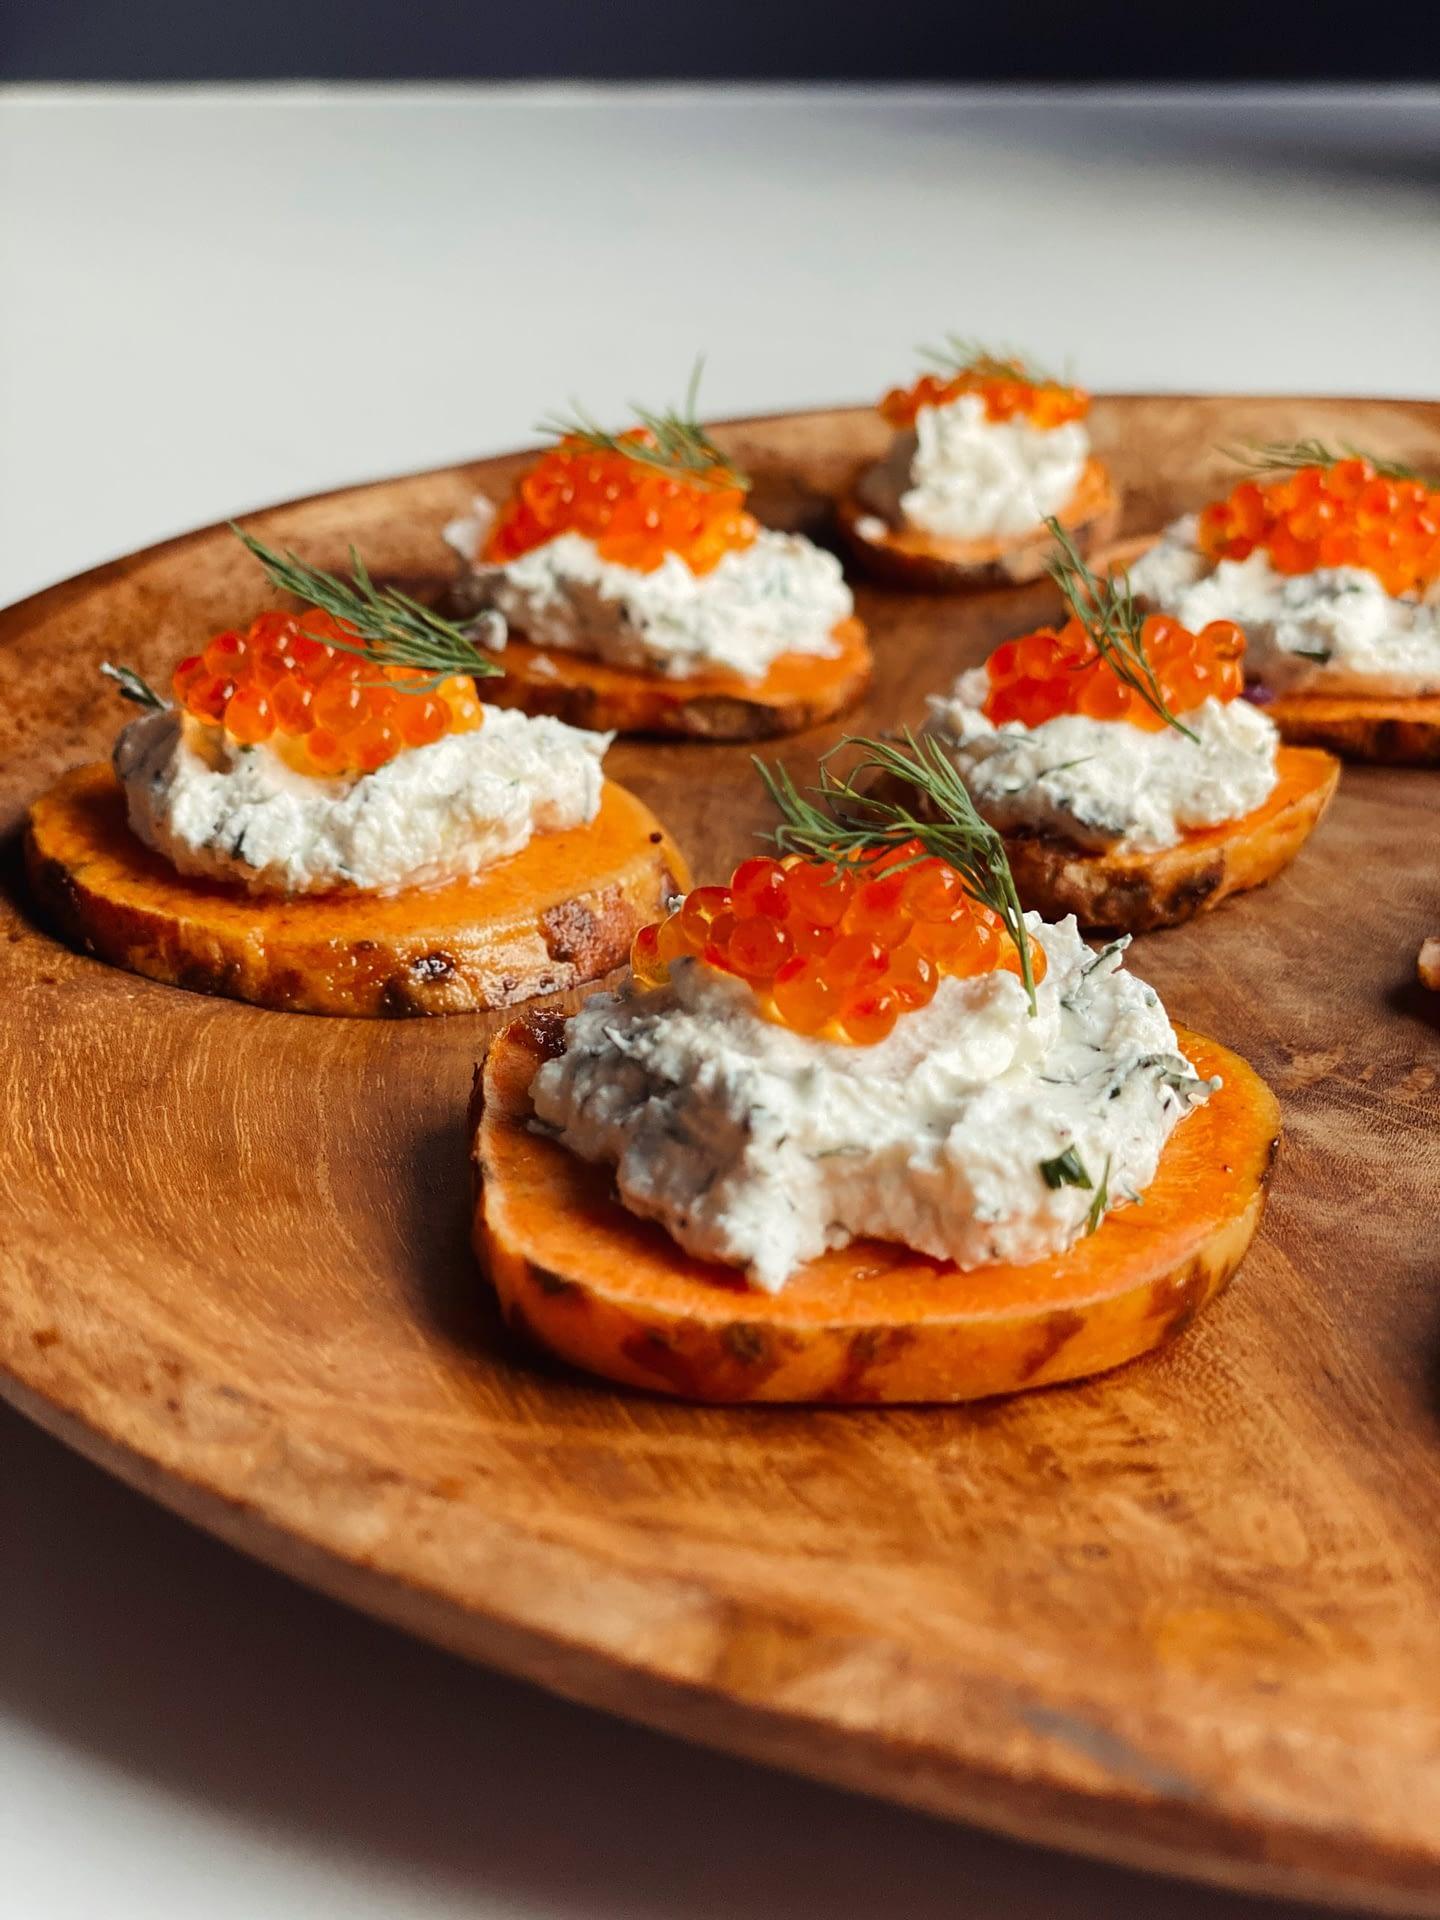 Croquants de patate douce au fromage frais